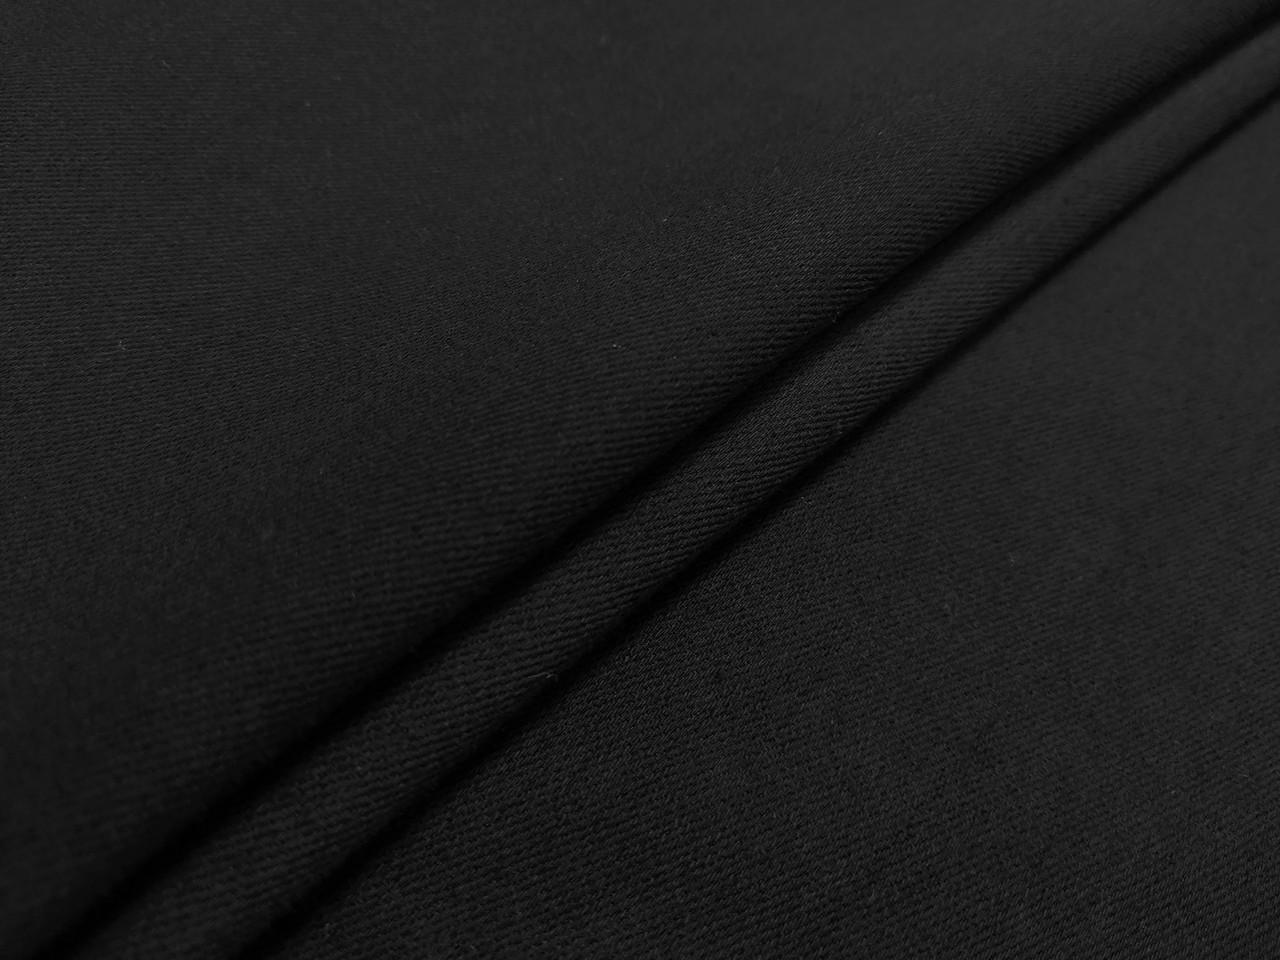 Джинс плотный, черный